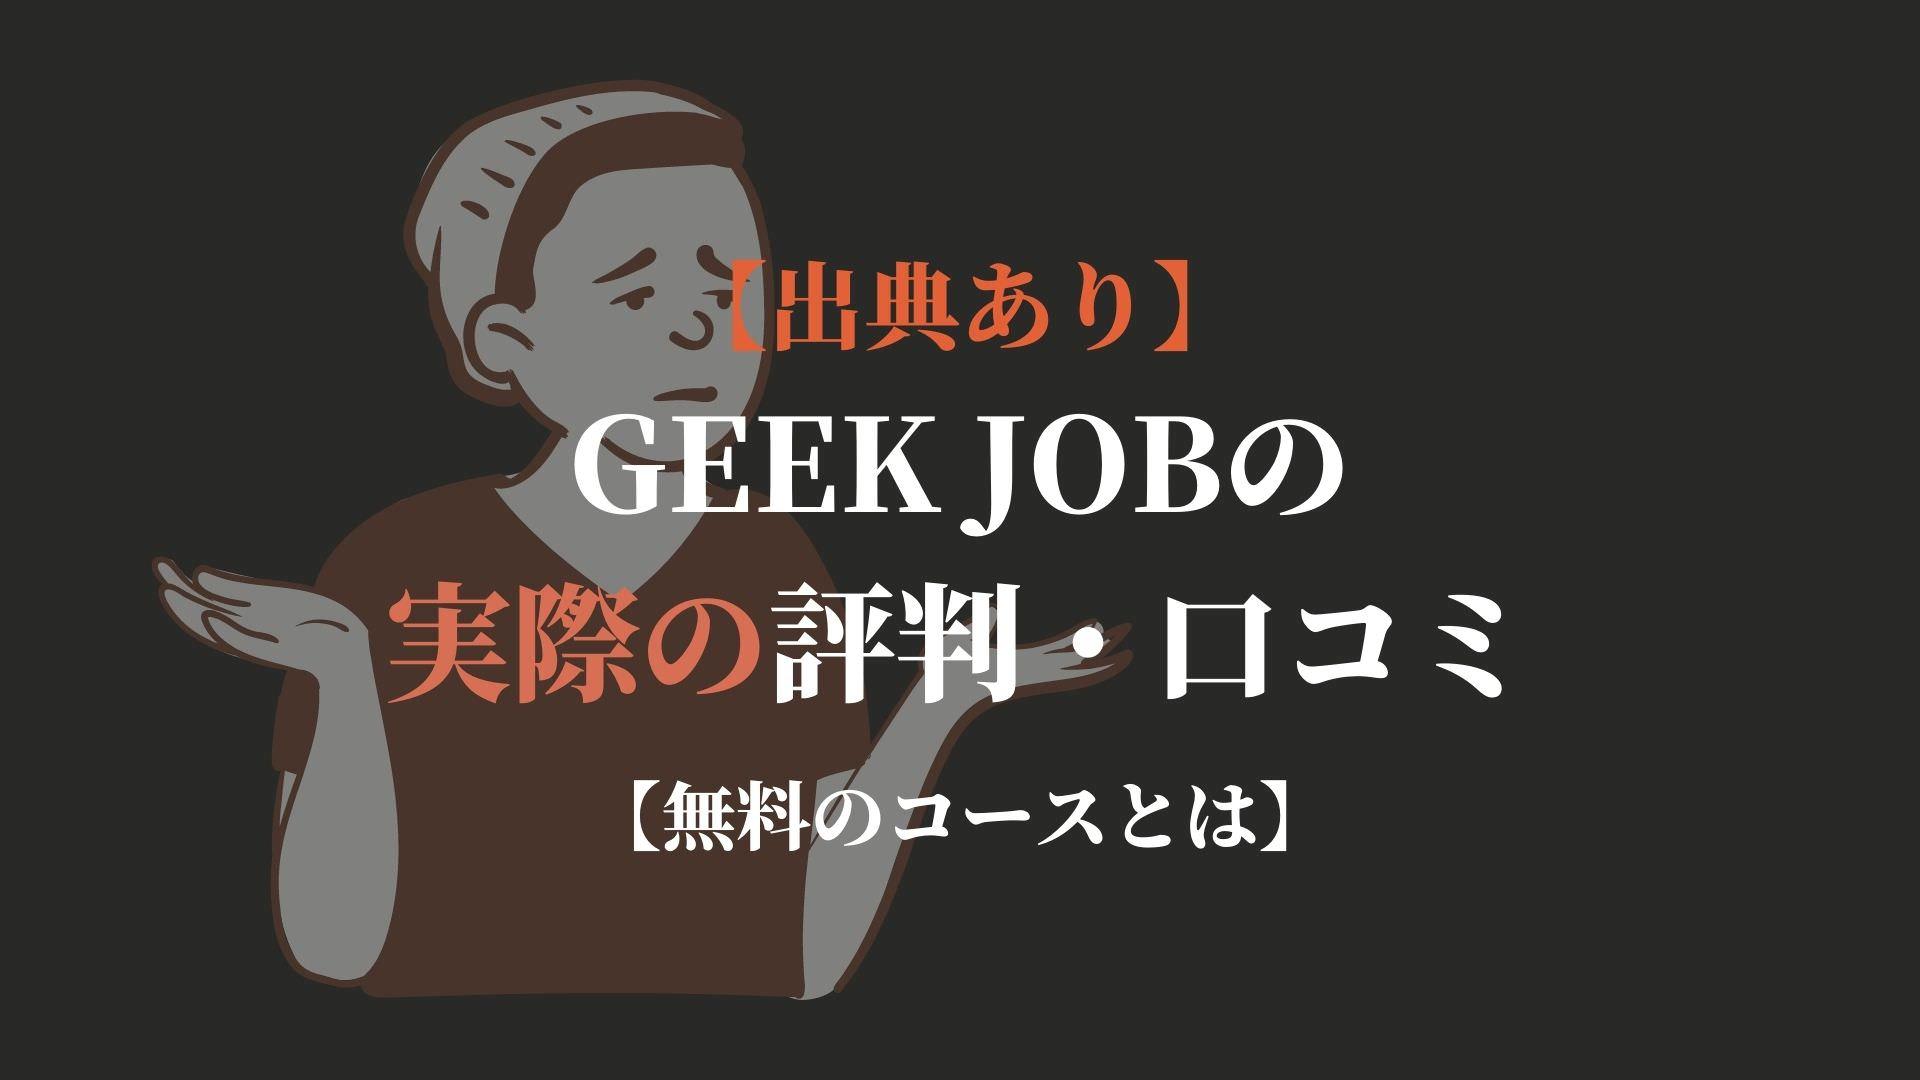 GEEKJOBの評判口コミ【無料のコースとは】